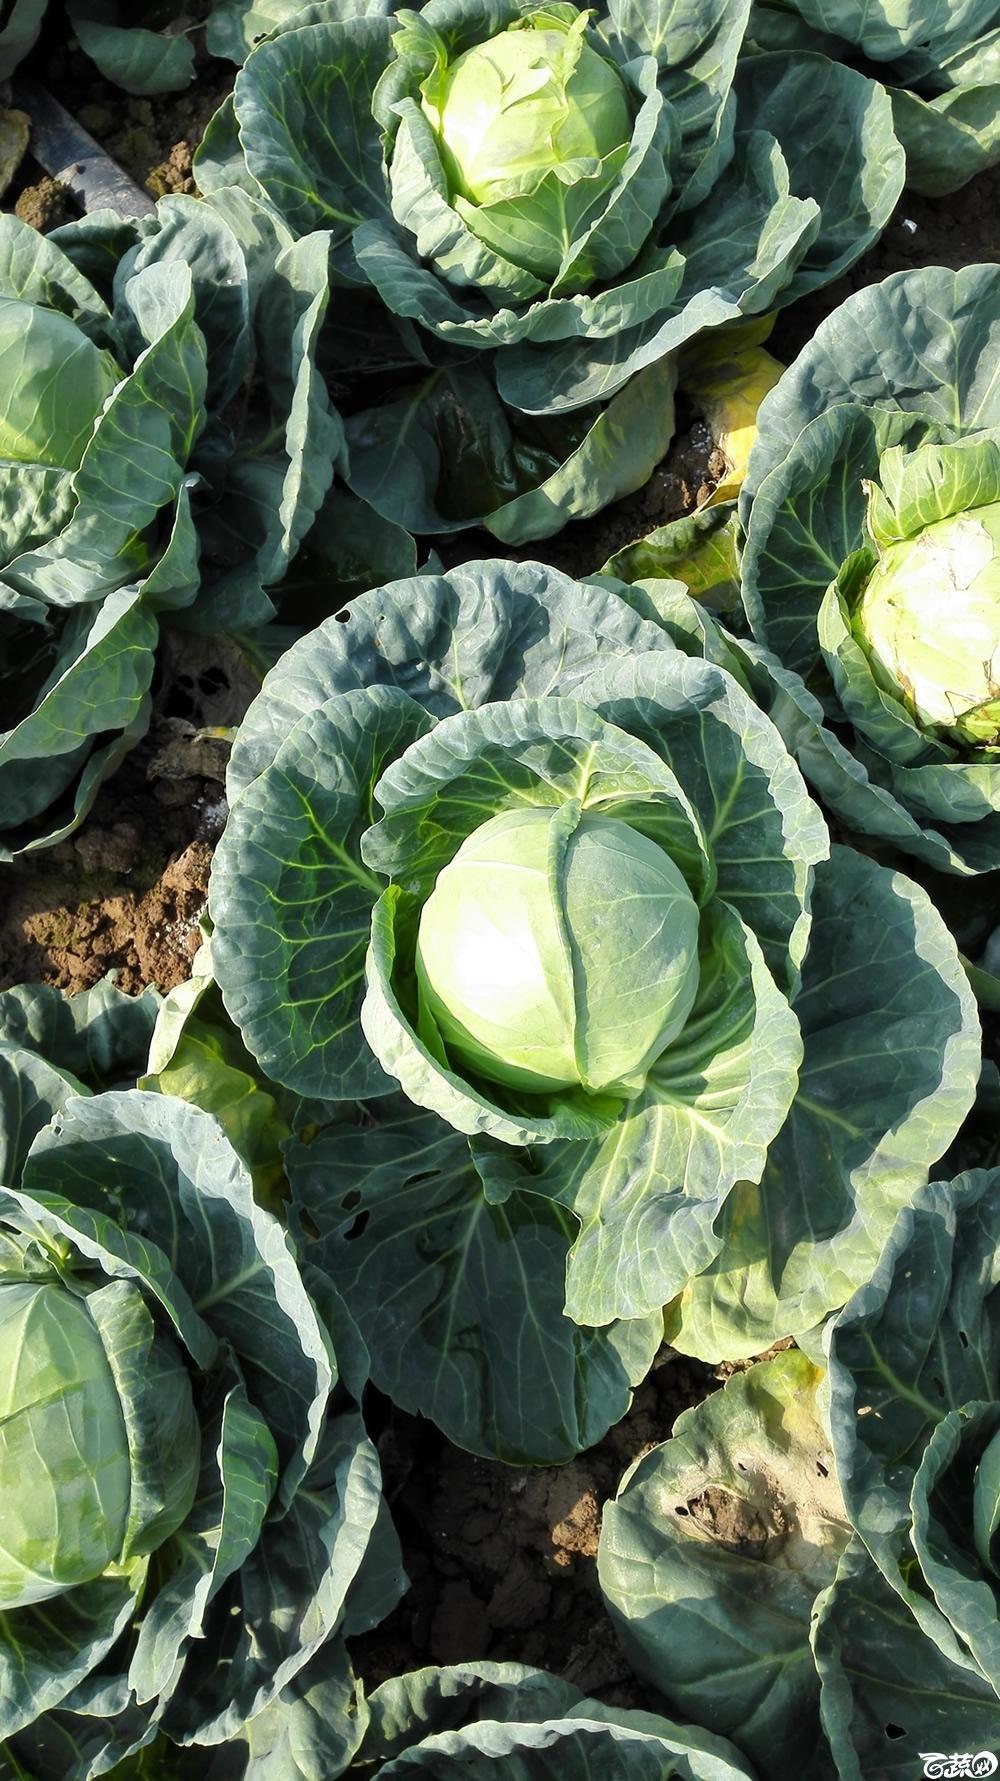 2014年12月10号广州市农科院南沙秋季蔬菜新品种展示会 甘蓝_109.jpg